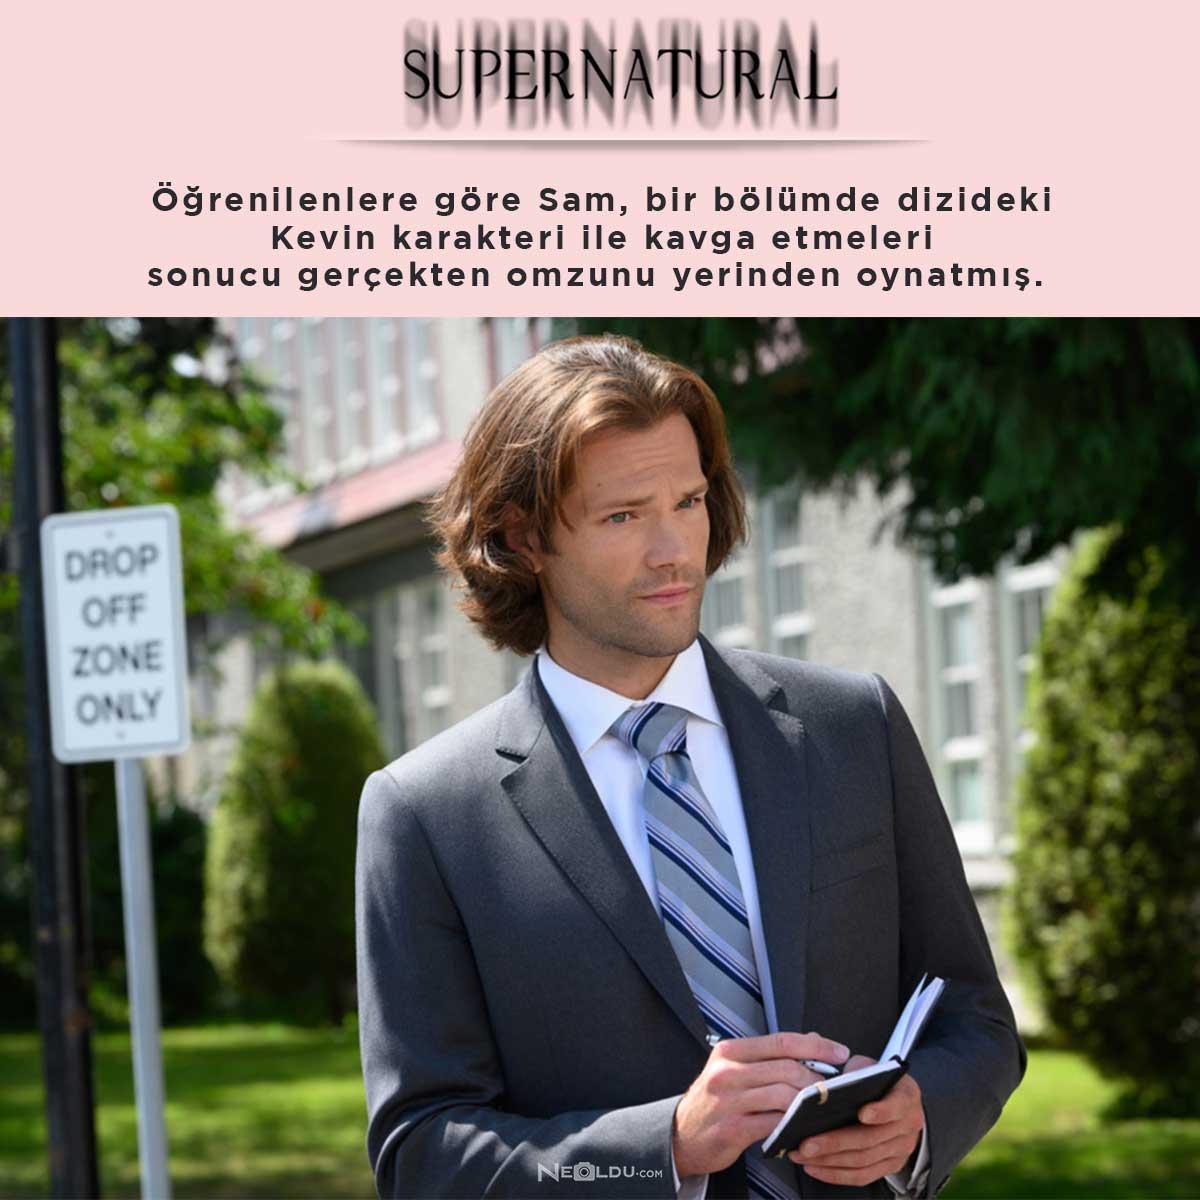 supernatural-dizisi.jpg